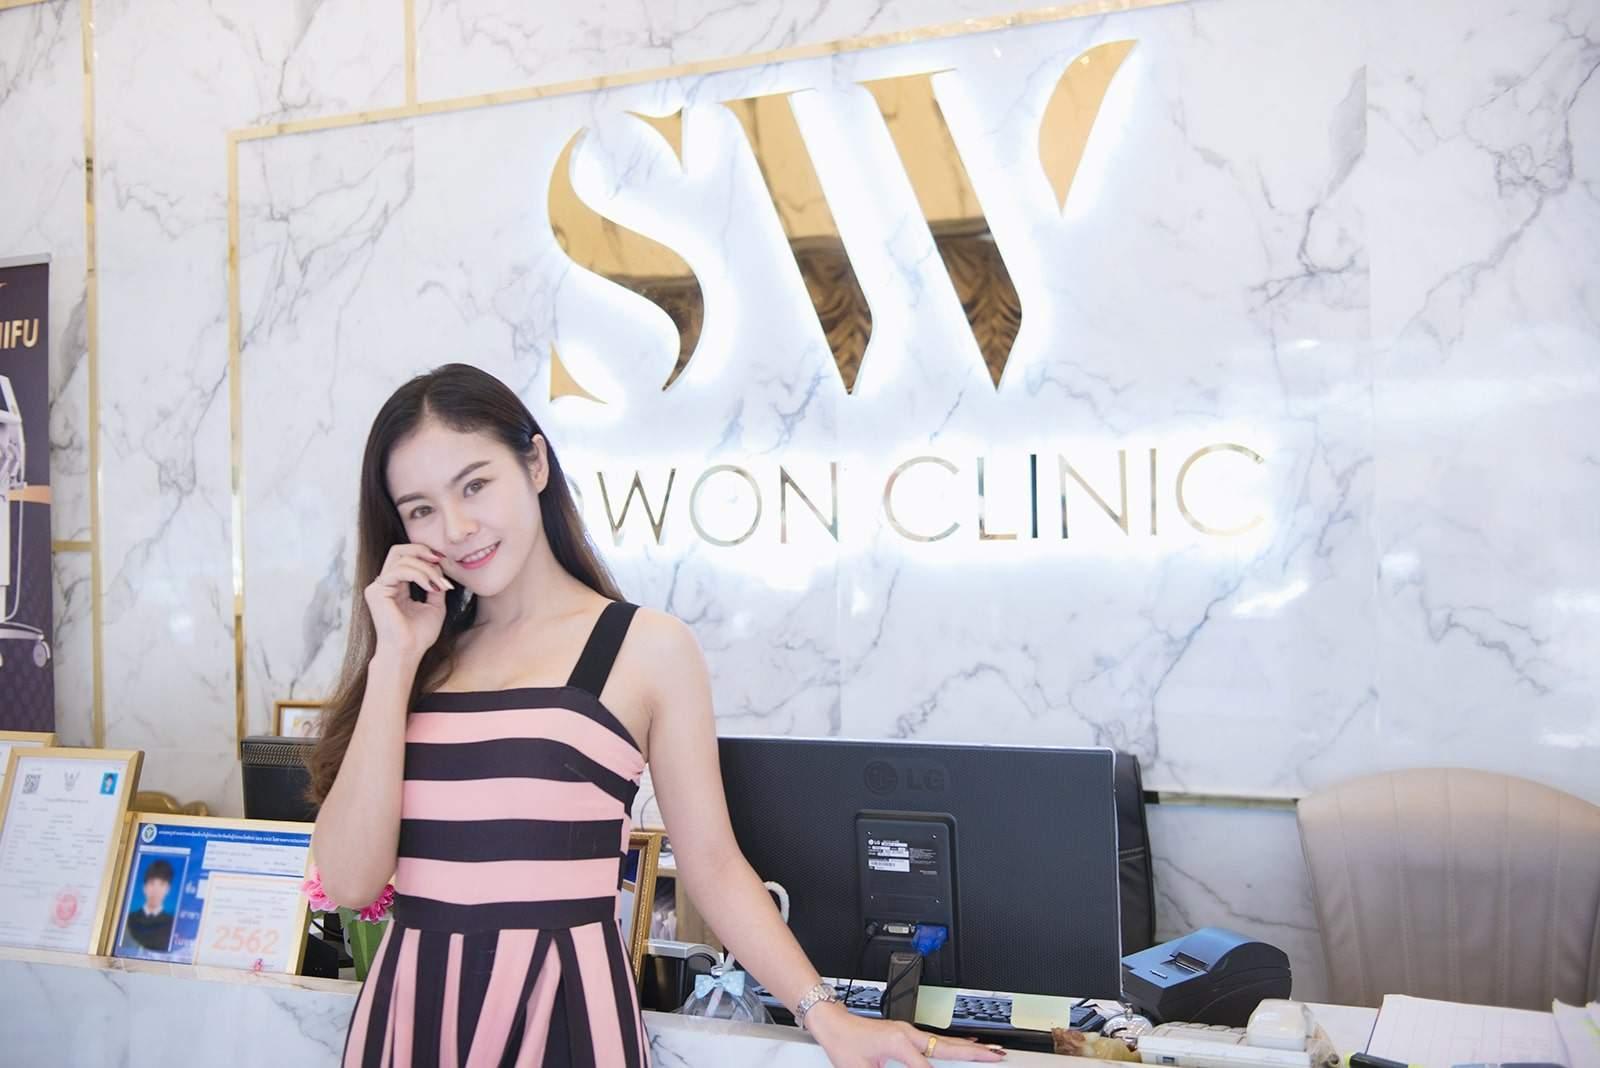 หลังจากทำจมูกที่ Sowon Clinic